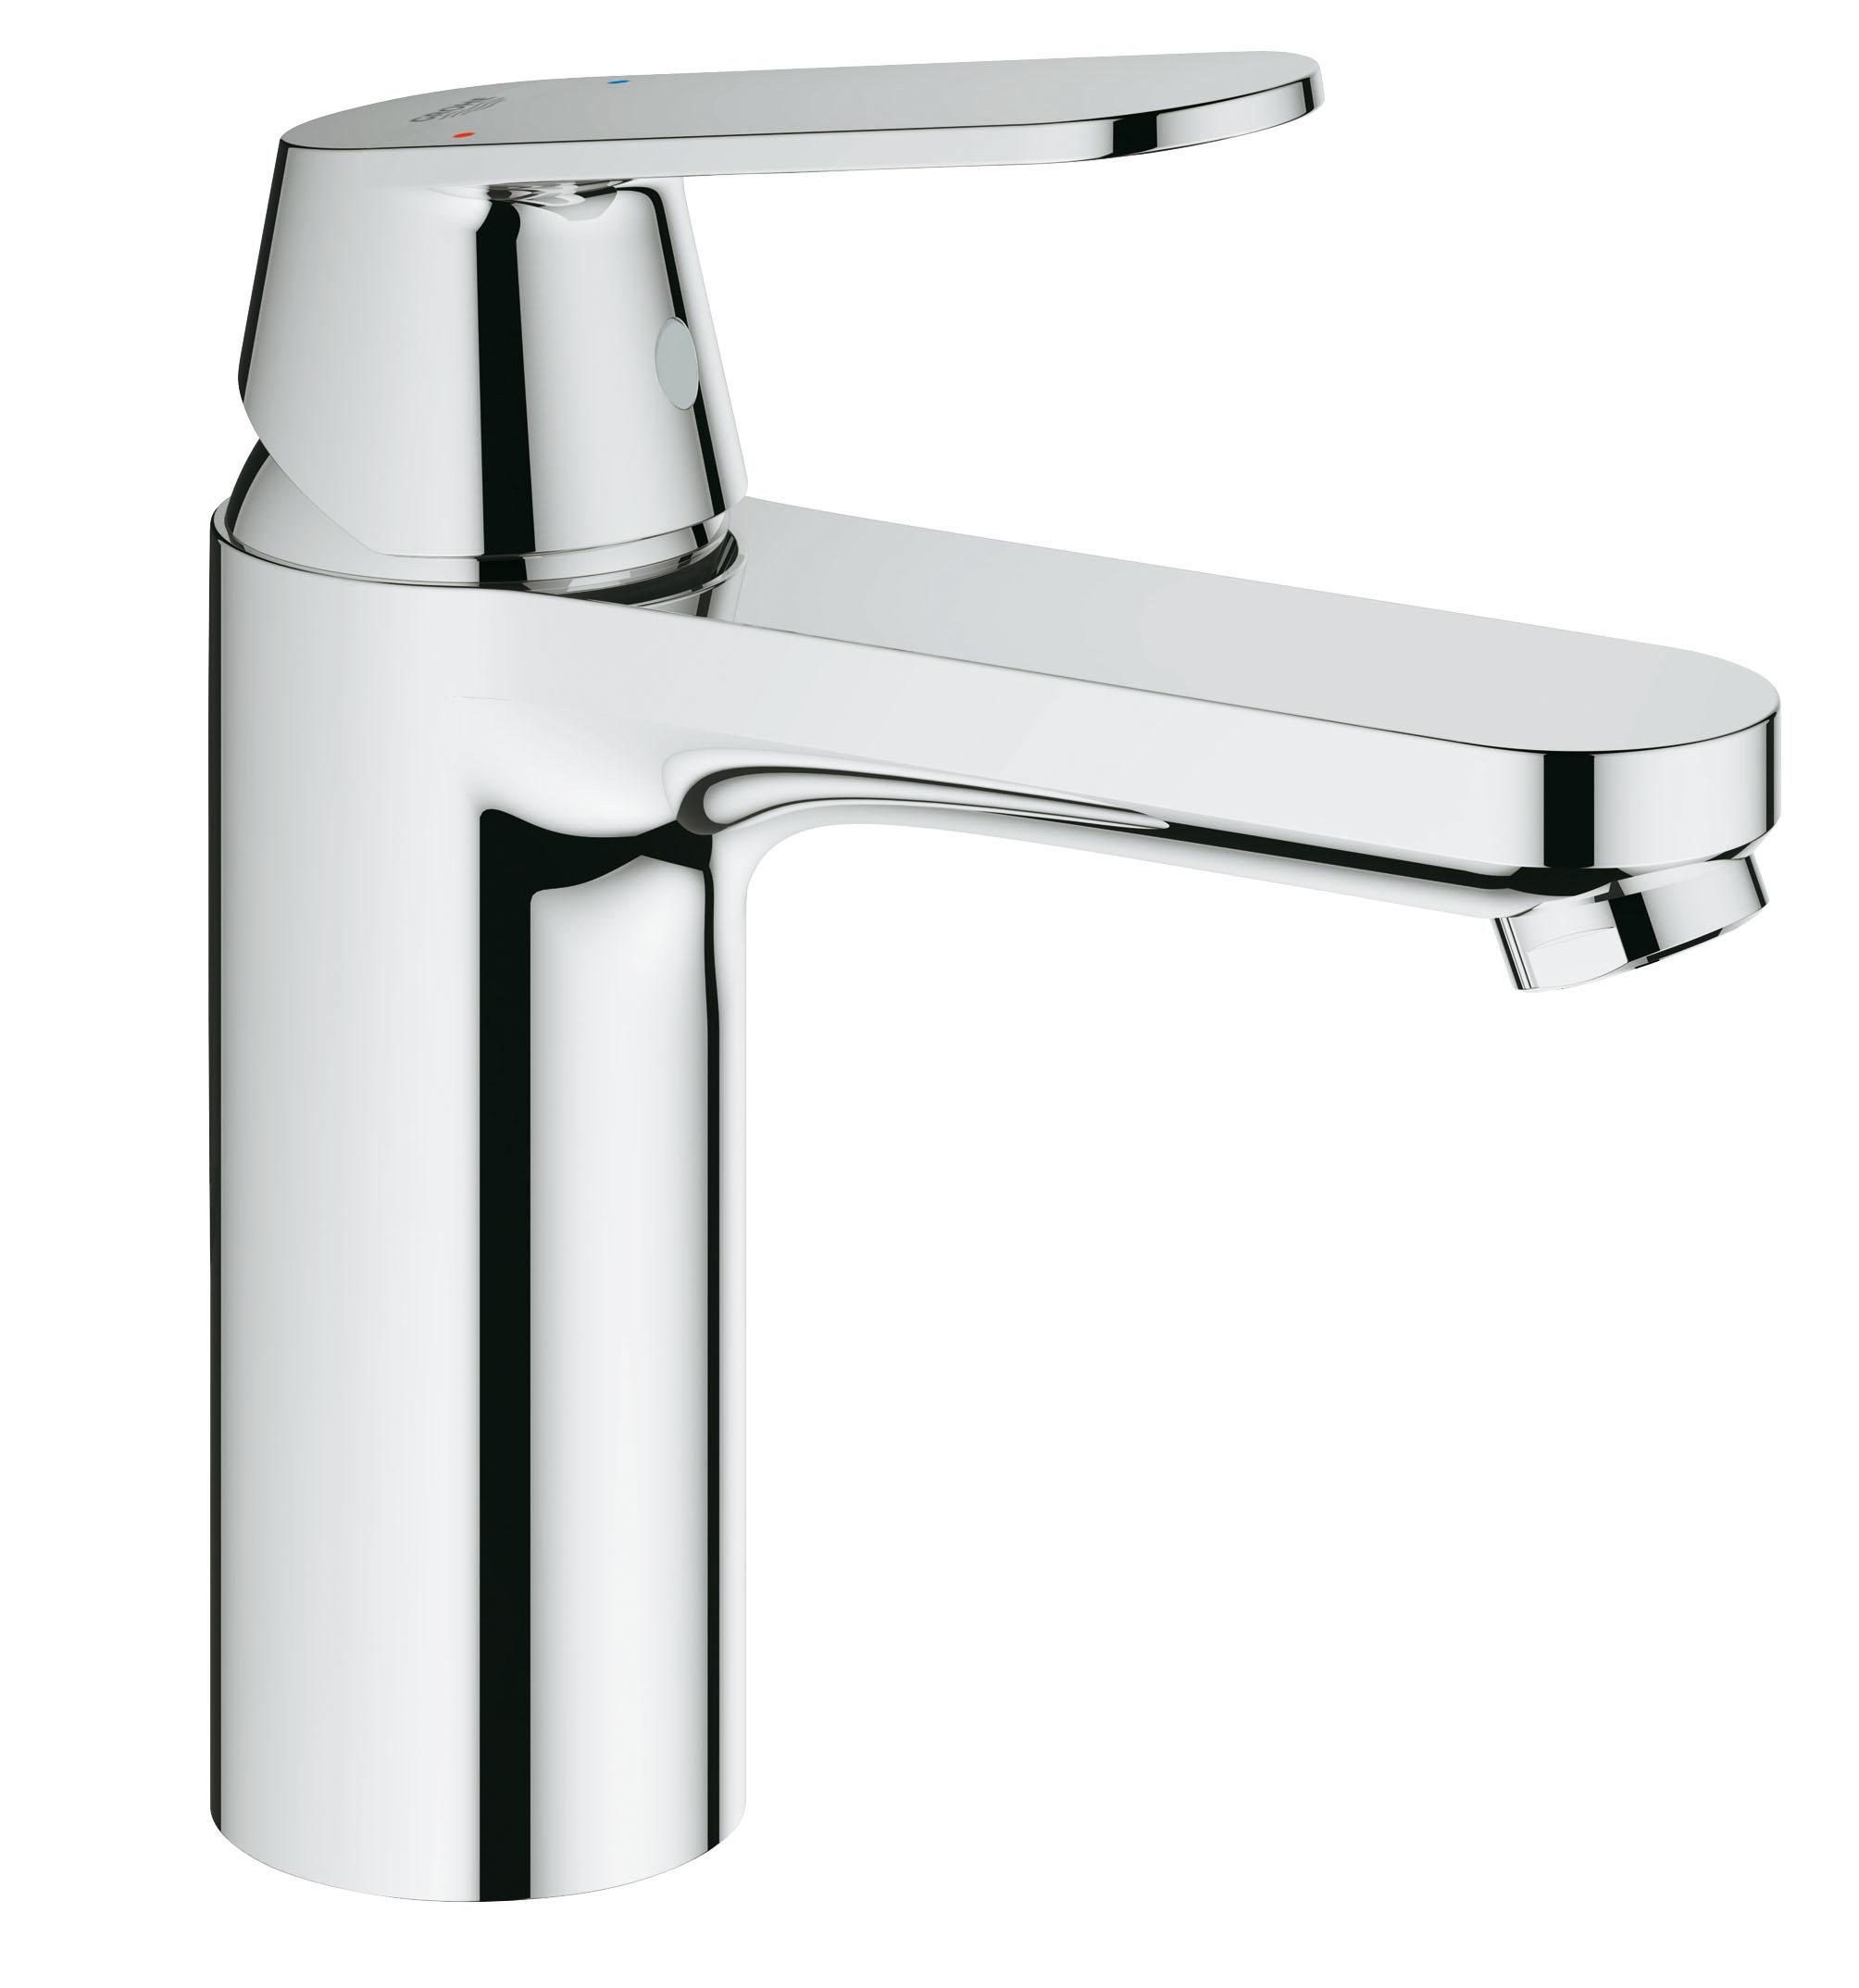 Смеситель для раковины GROHE Eurosmart Cosmopolitan (23327000)23327000Смеситель для ванной комнаты GROHE Eurosmart Cosmopolitan наделен всеми преимуществами современного сантехнического оборудования. Во-первых, это экономичность: в нем применяется технология GROHE EcoJoy, позволяющая сократить расход воды почти вдвое. Во-вторых, это неприхотливость в уходе: для поддержания сияющего блеска хромированной поверхности достаточно протирать ее тканью. В-третьих, это долговечность: проверенное временем качество GROHE проявляется, в частности, в том, что чрезвычайно плавный ход рычага сохраняется даже после многолетней эксплуатации. Оцените на собственном опыте изящество и комфортность смесителя для ванной комнаты Eurosmart Cosmopolitan! Особенности монтаж на одно отверстие средняя высота металлический рычаг GROHE SilkMove керамический картридж 35 мм GROHE StarLight хромированная поверхность регулировка расхода воды GROHE EcoJoy 5,7 л/мин гладкий корпус гибкая подводка GROHE QuickFix быстрая монтажная...